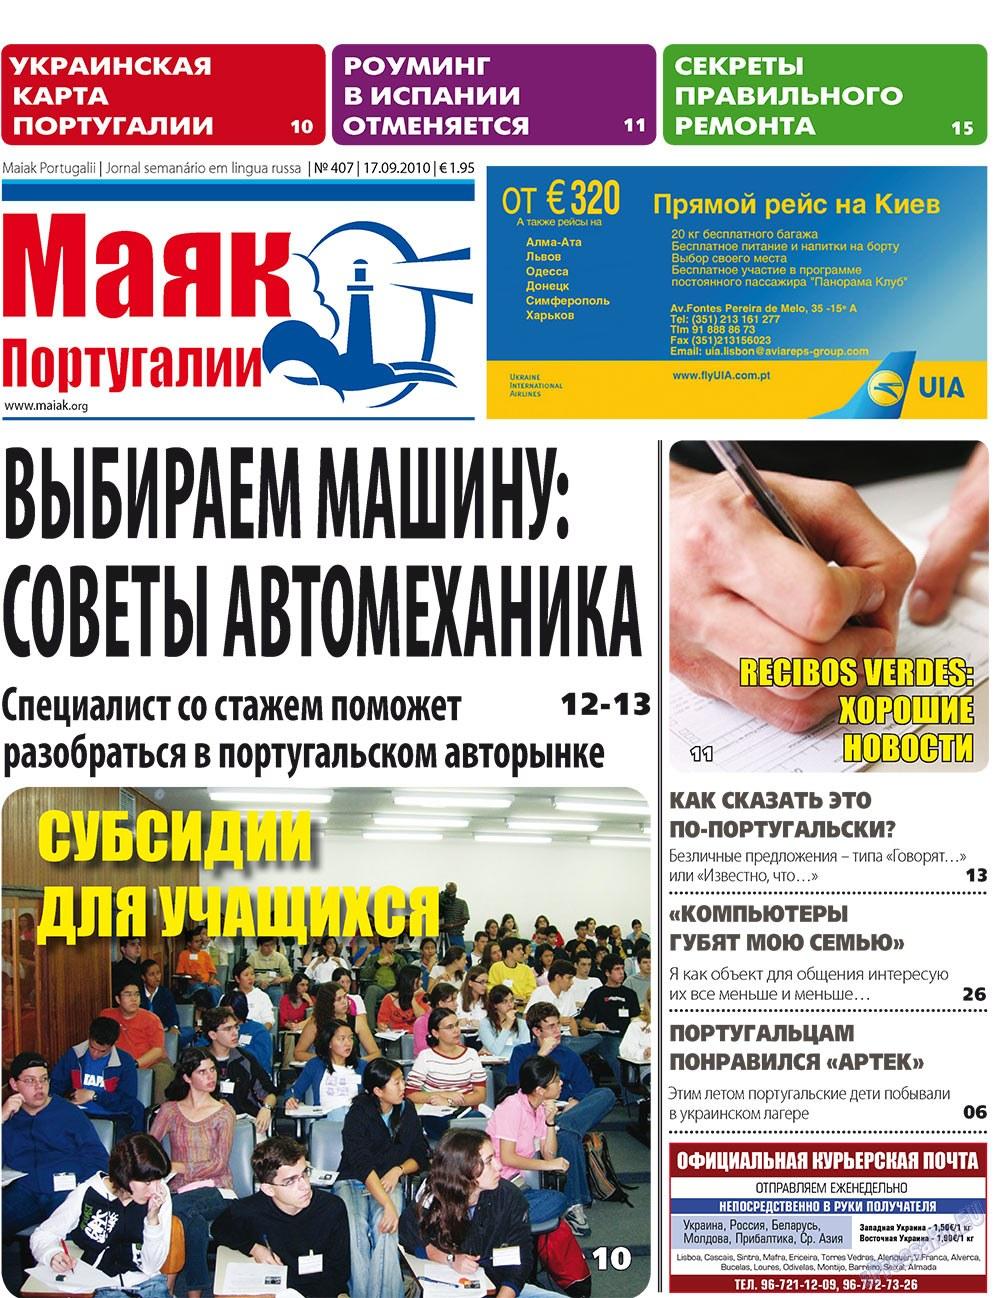 Маяк Португалии (газета). 2010 год, номер 407, стр. 1